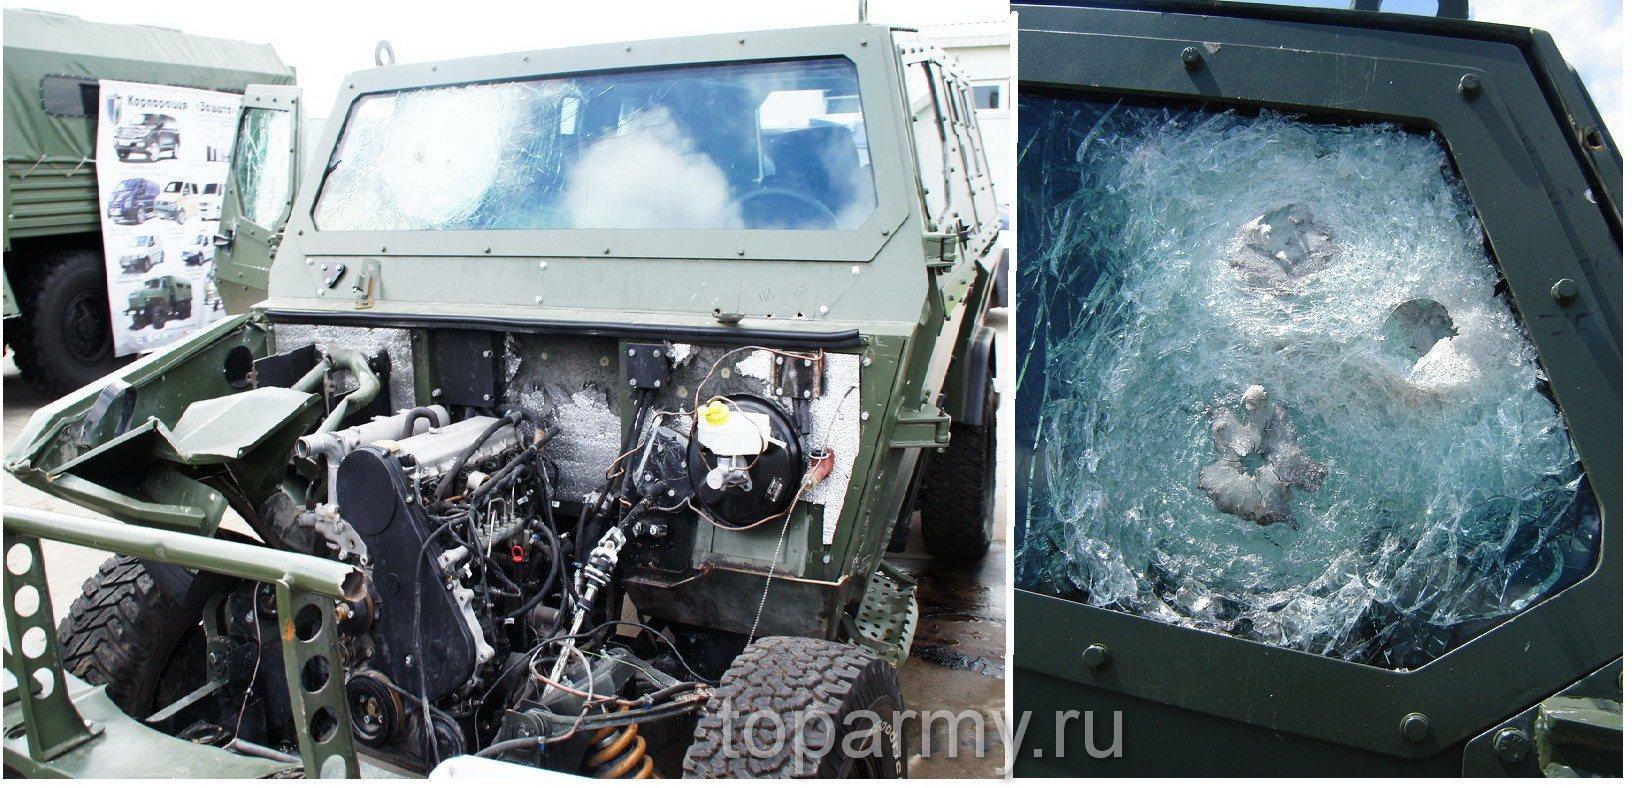 Infantry Mobility Vehicles - Page 7 Avtomobil_Skorpion_LSHA_B_legkovoy_shturmovoy_bronirovannyy_foto_posle_ispytaniy